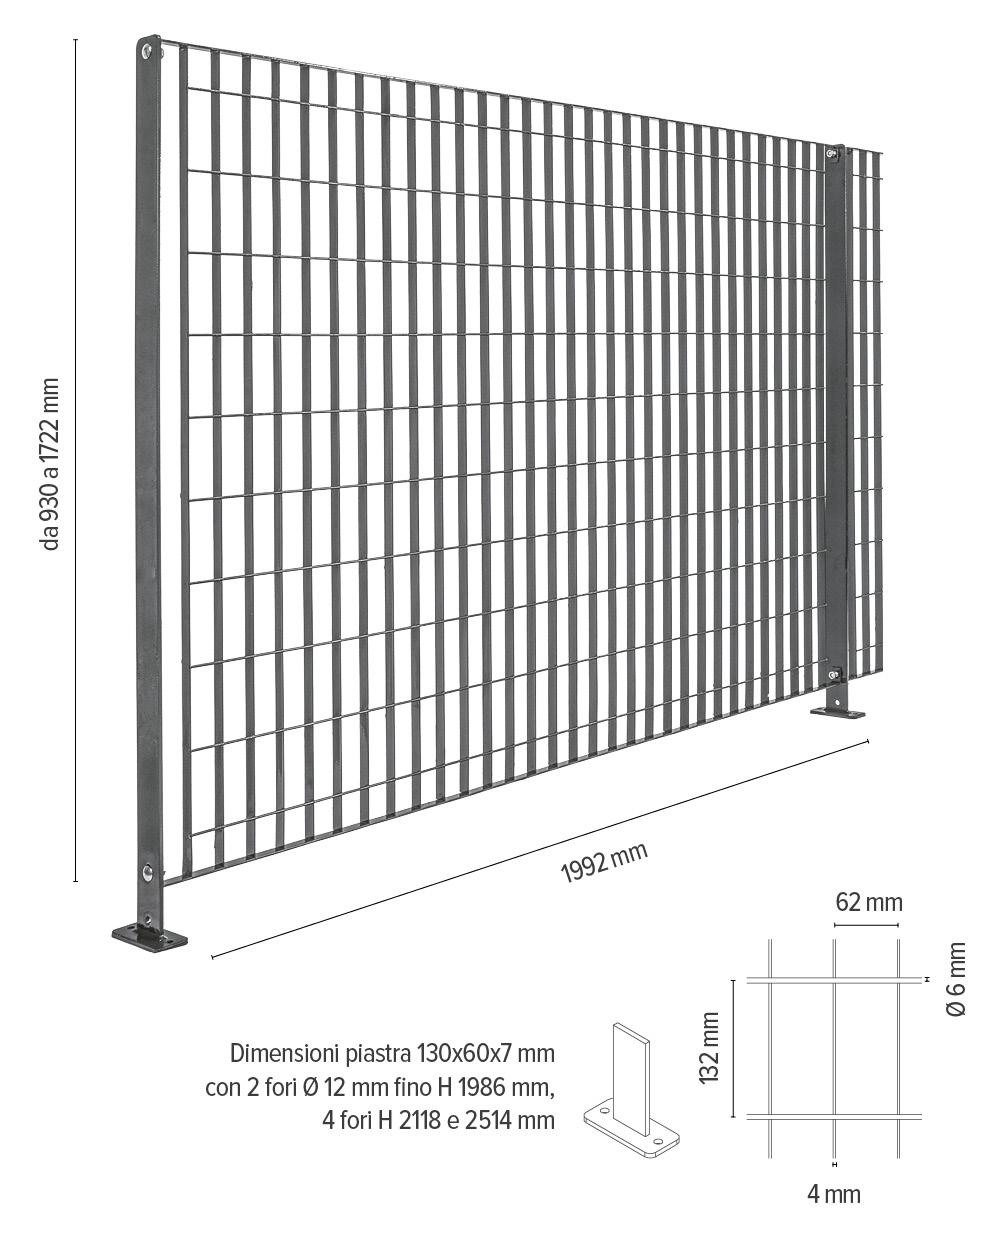 Britosterope - info tecniche recinzioni ad alta sicurezza